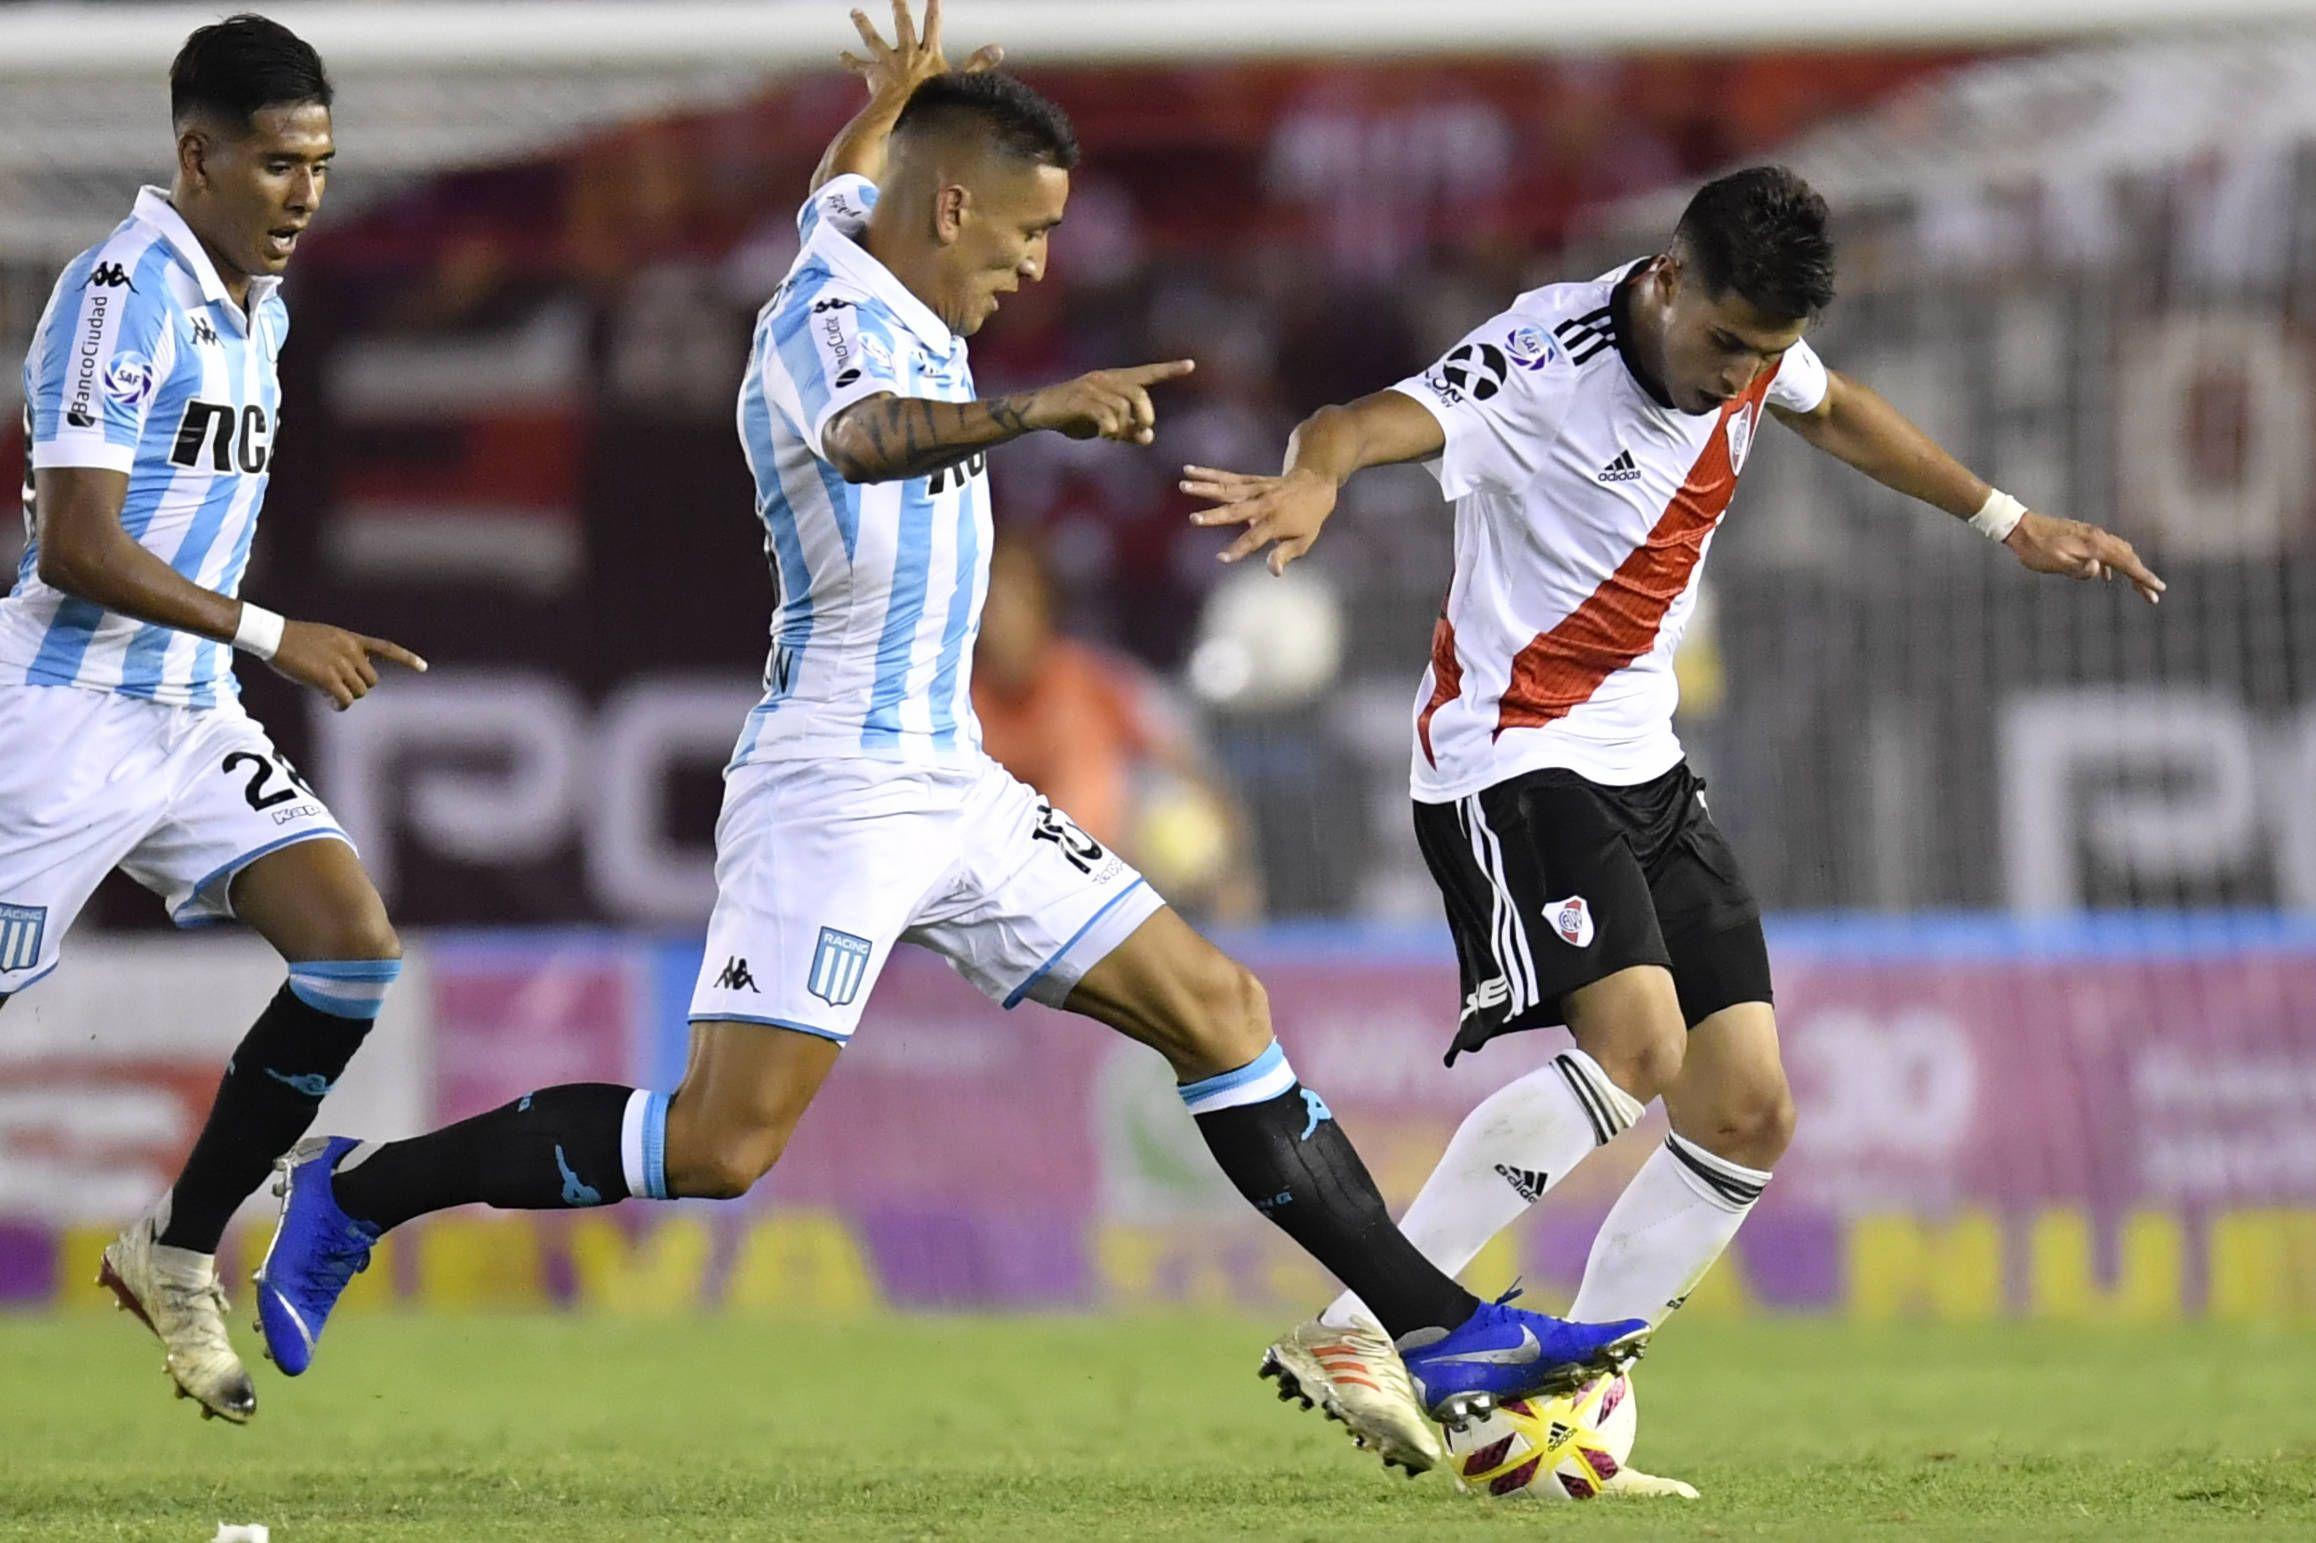 Malas noticias para Gallardo y todo River: se fracturó Exequiel Palacios